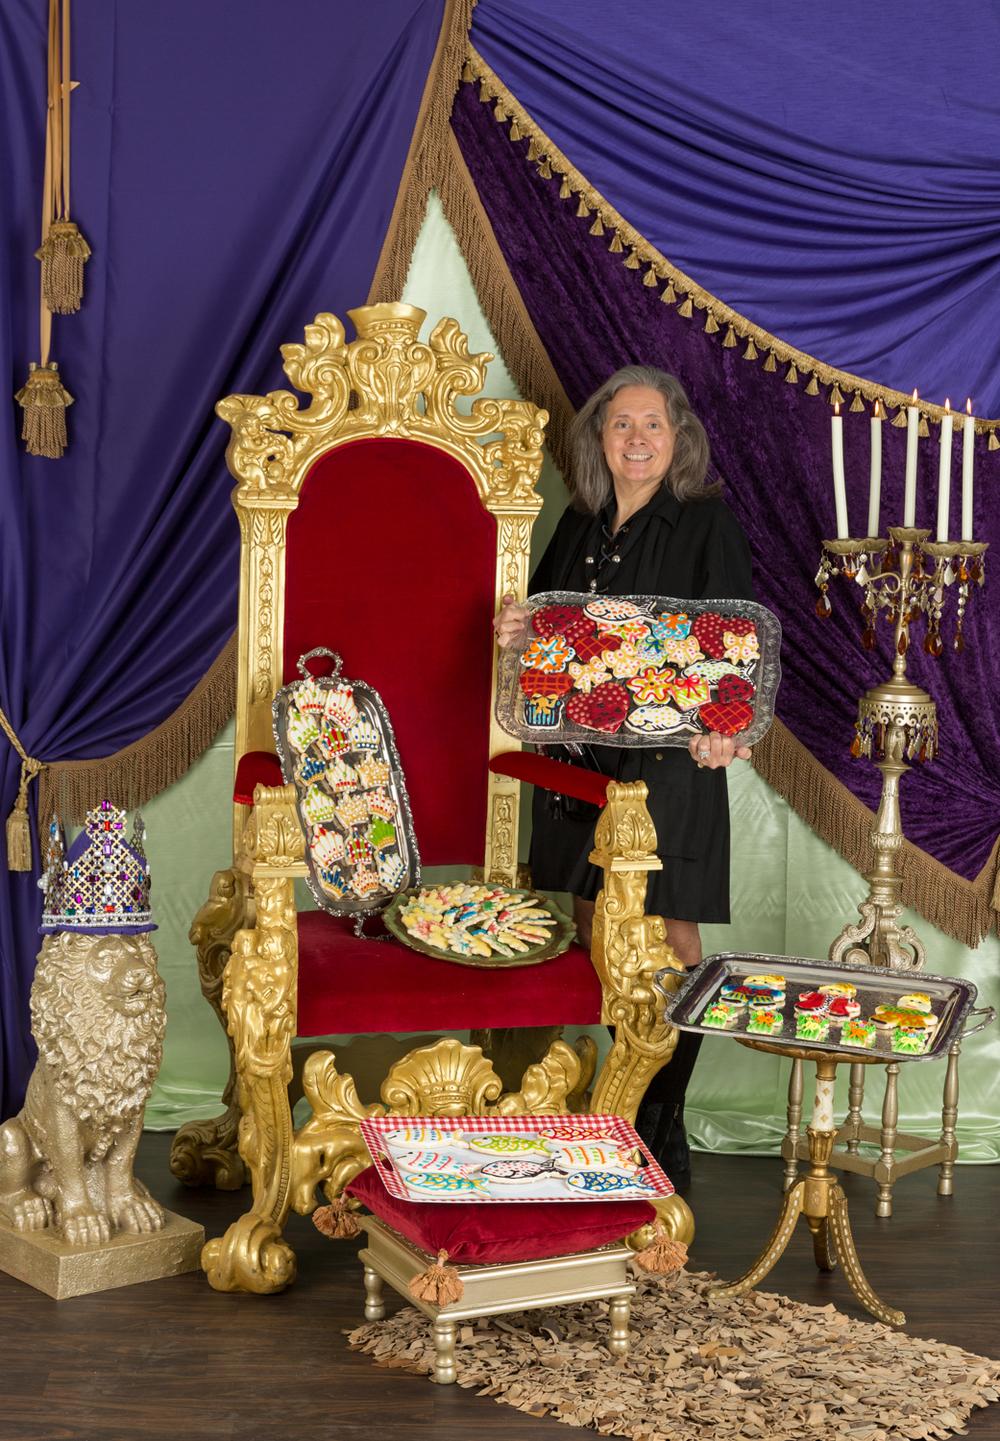 Robert Merten, AKA The Cookie King photographed in my studio